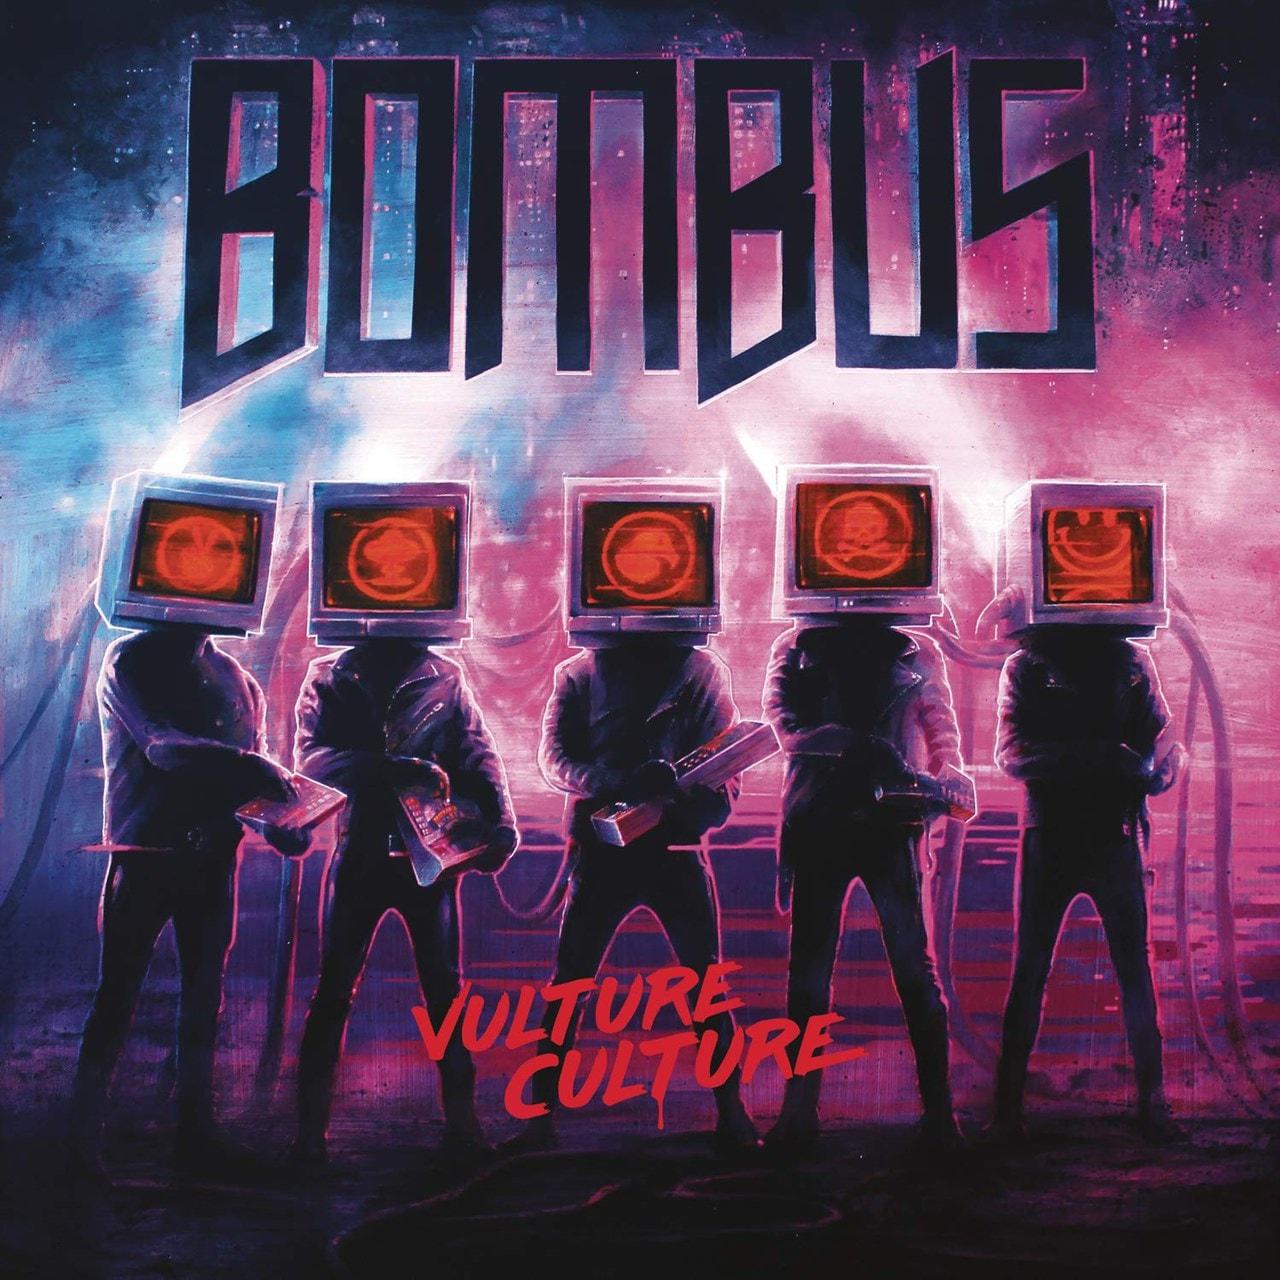 Vulture Culture - 1